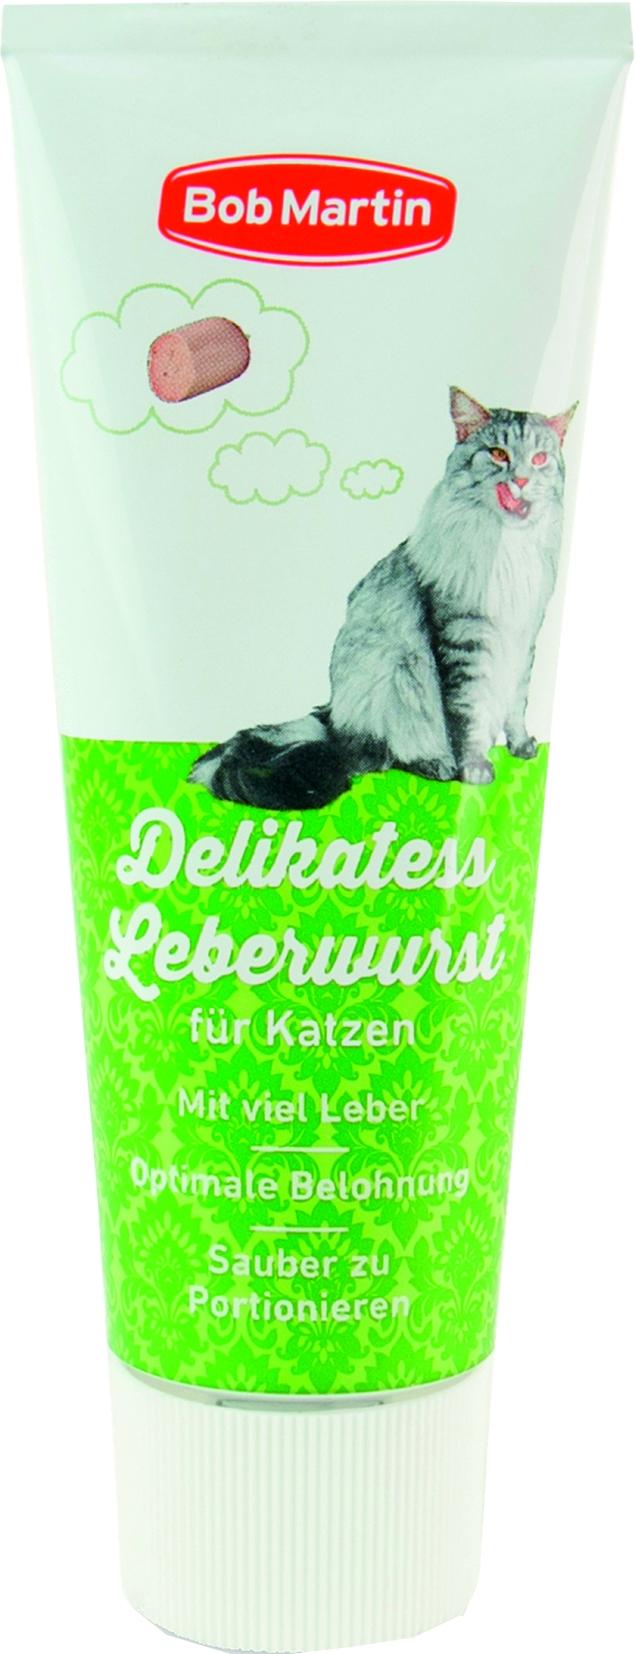 Leberwurst für Katzen